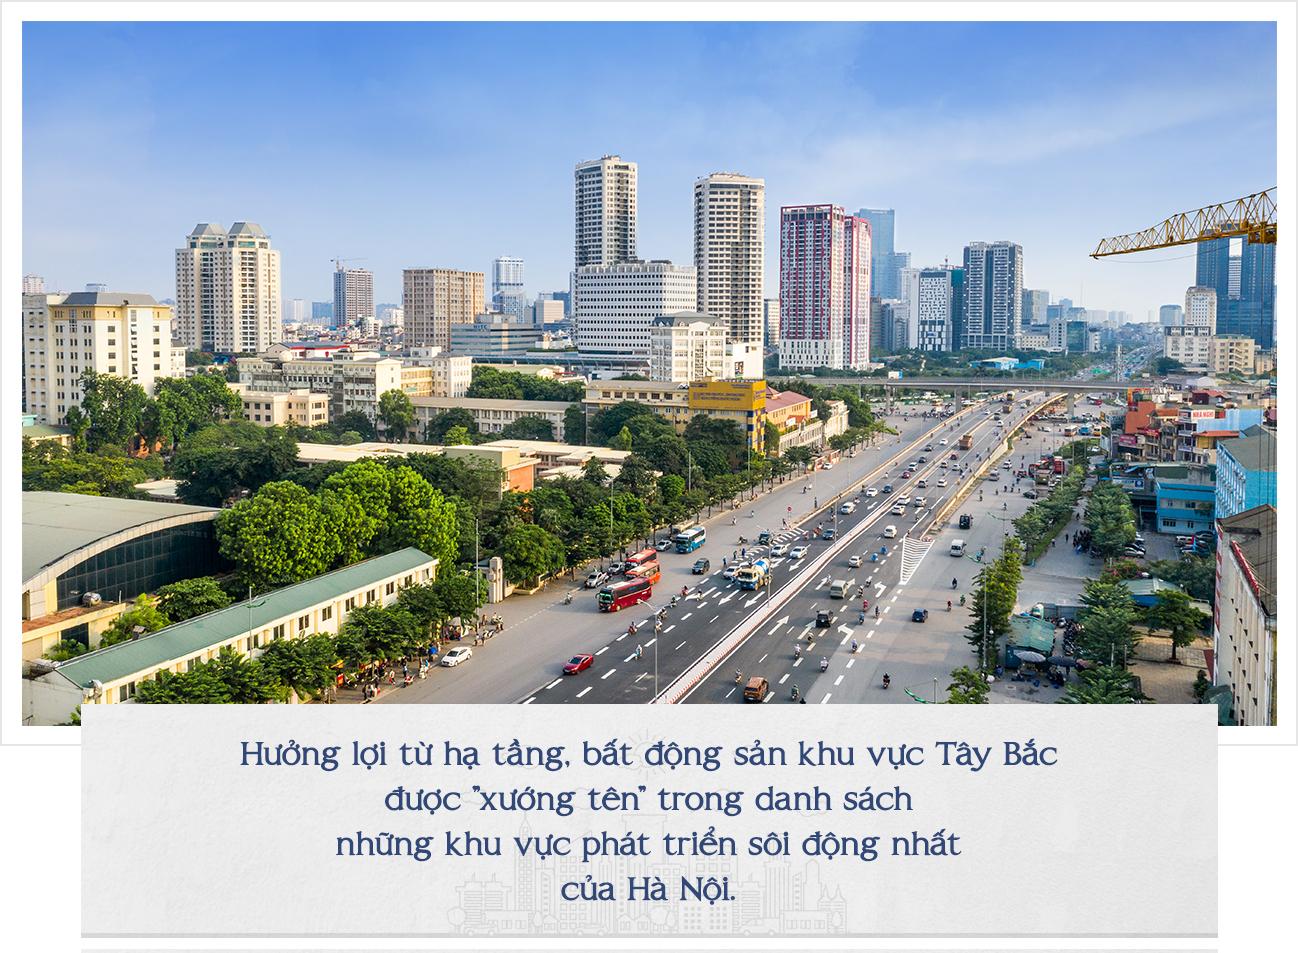 Bộ mặt mới bất động sản Tây Hà Nội sau một thập kỷ 6